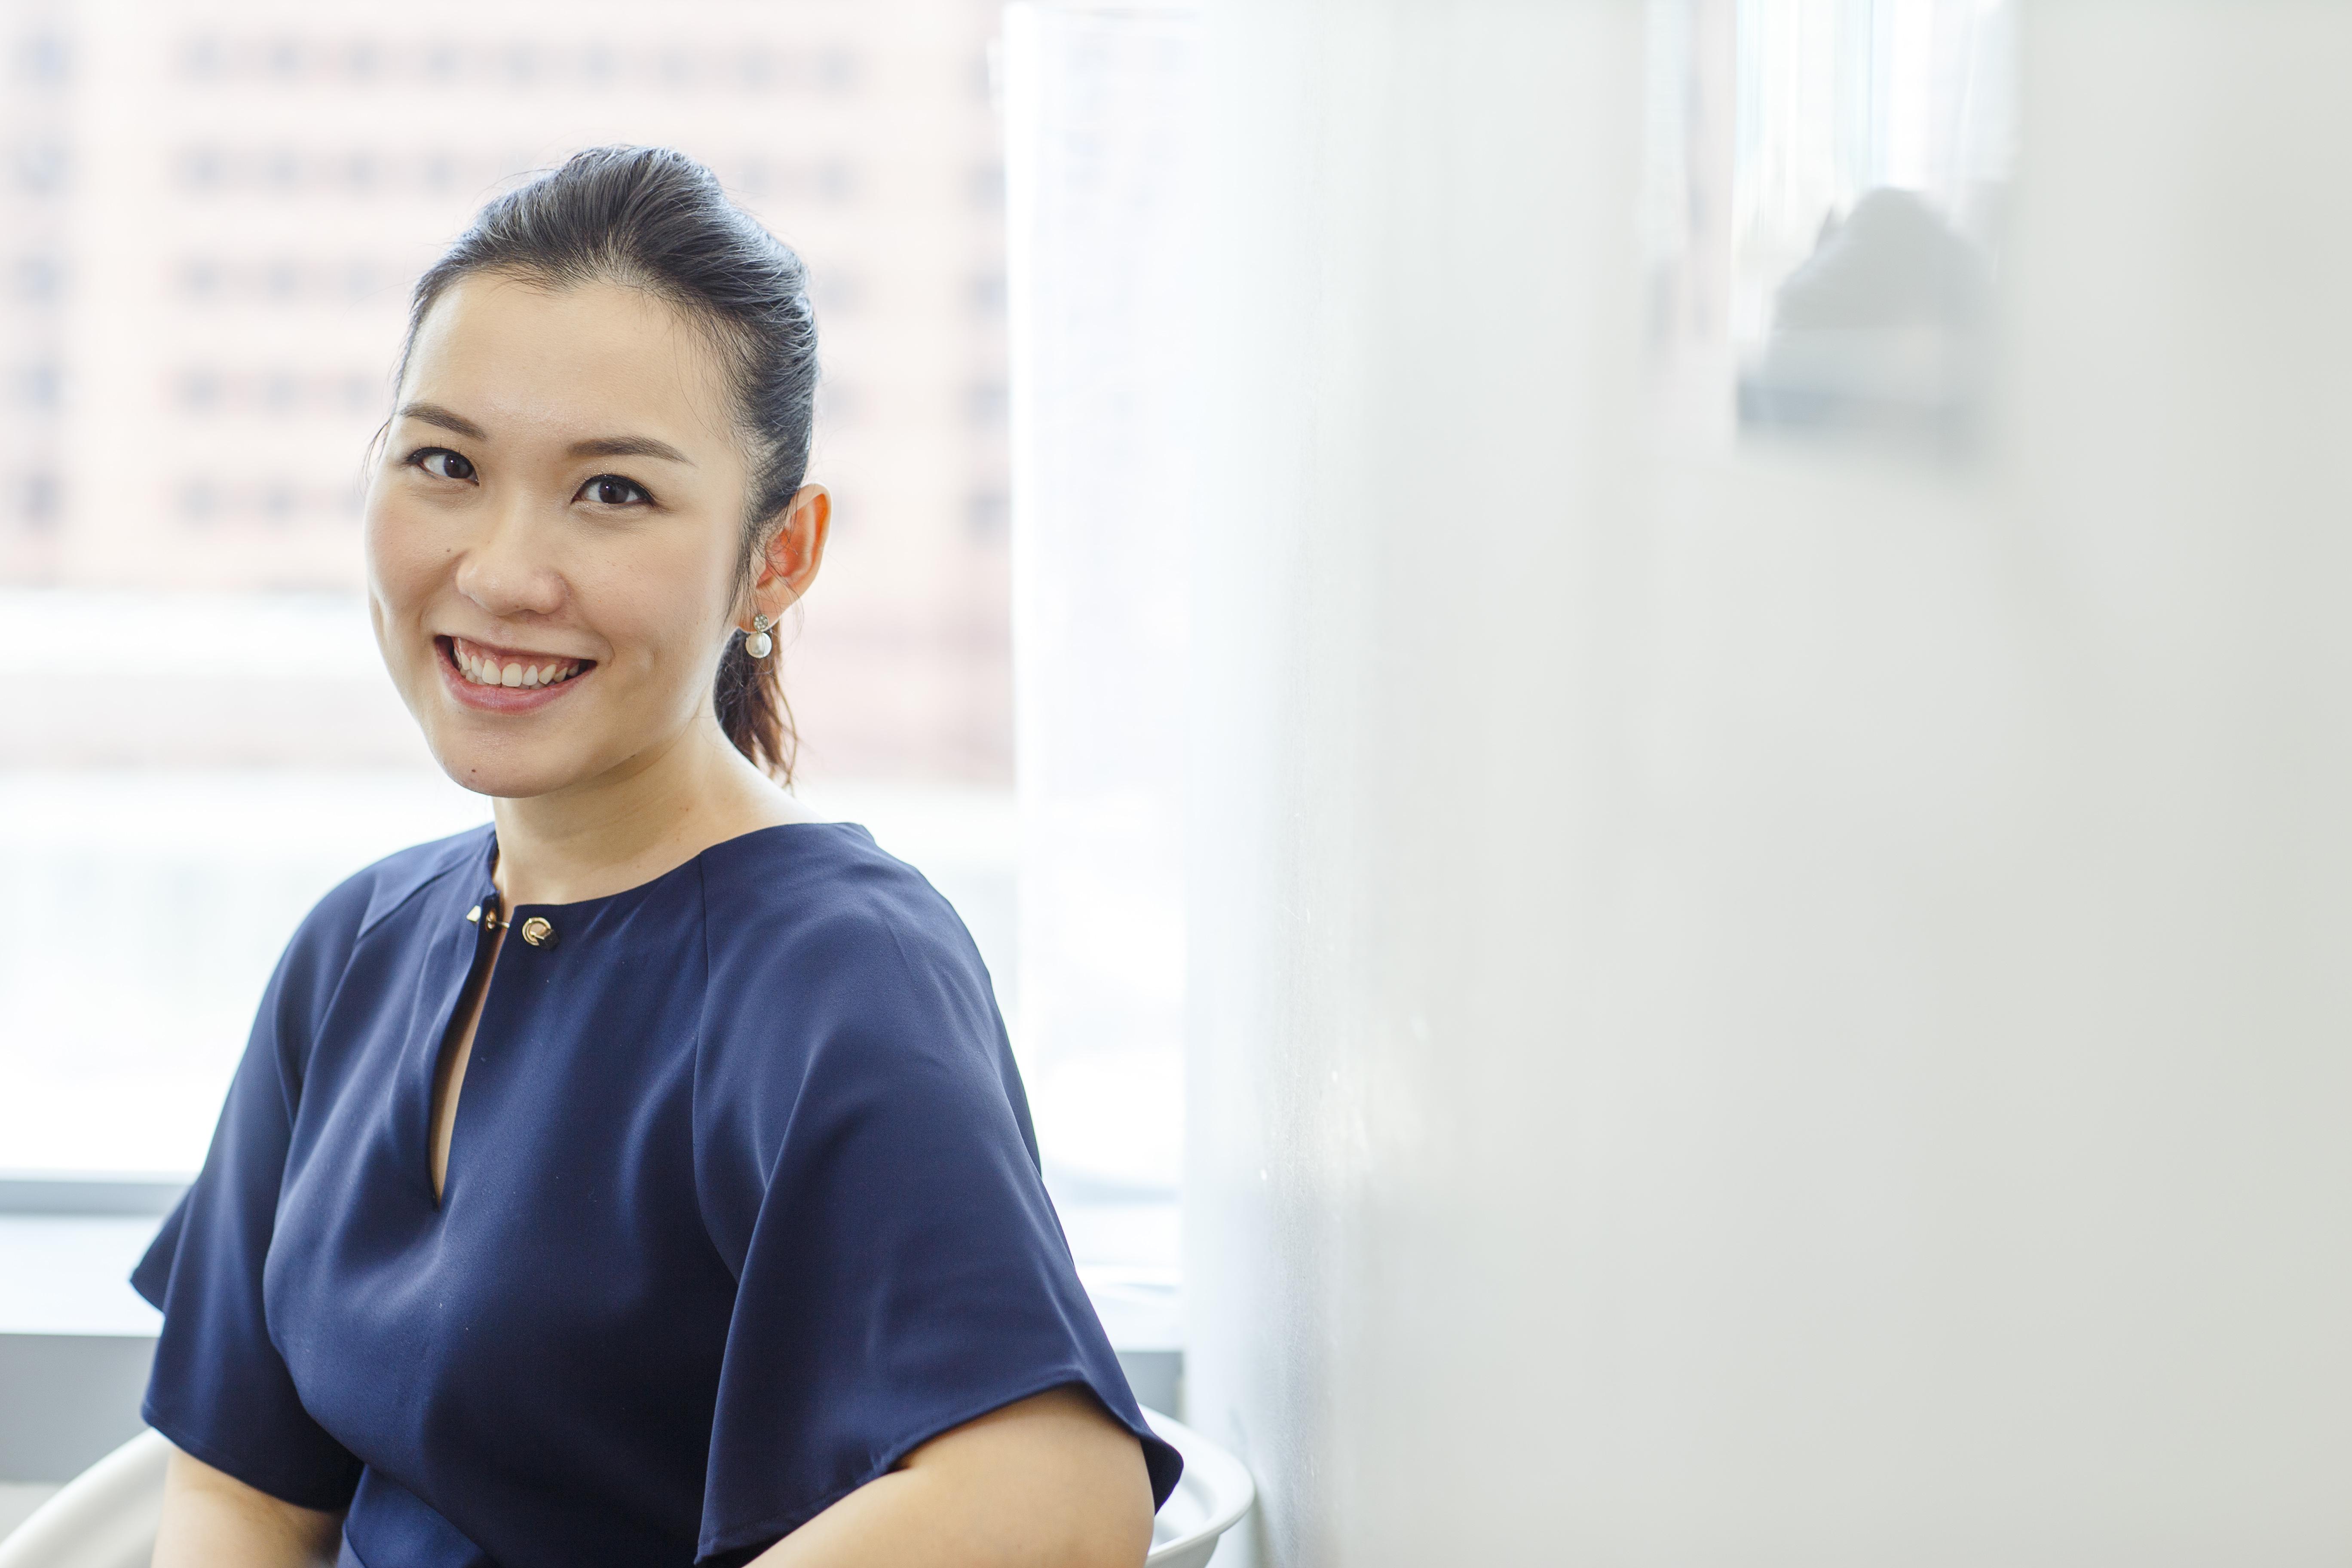 Dr Berenice Chan